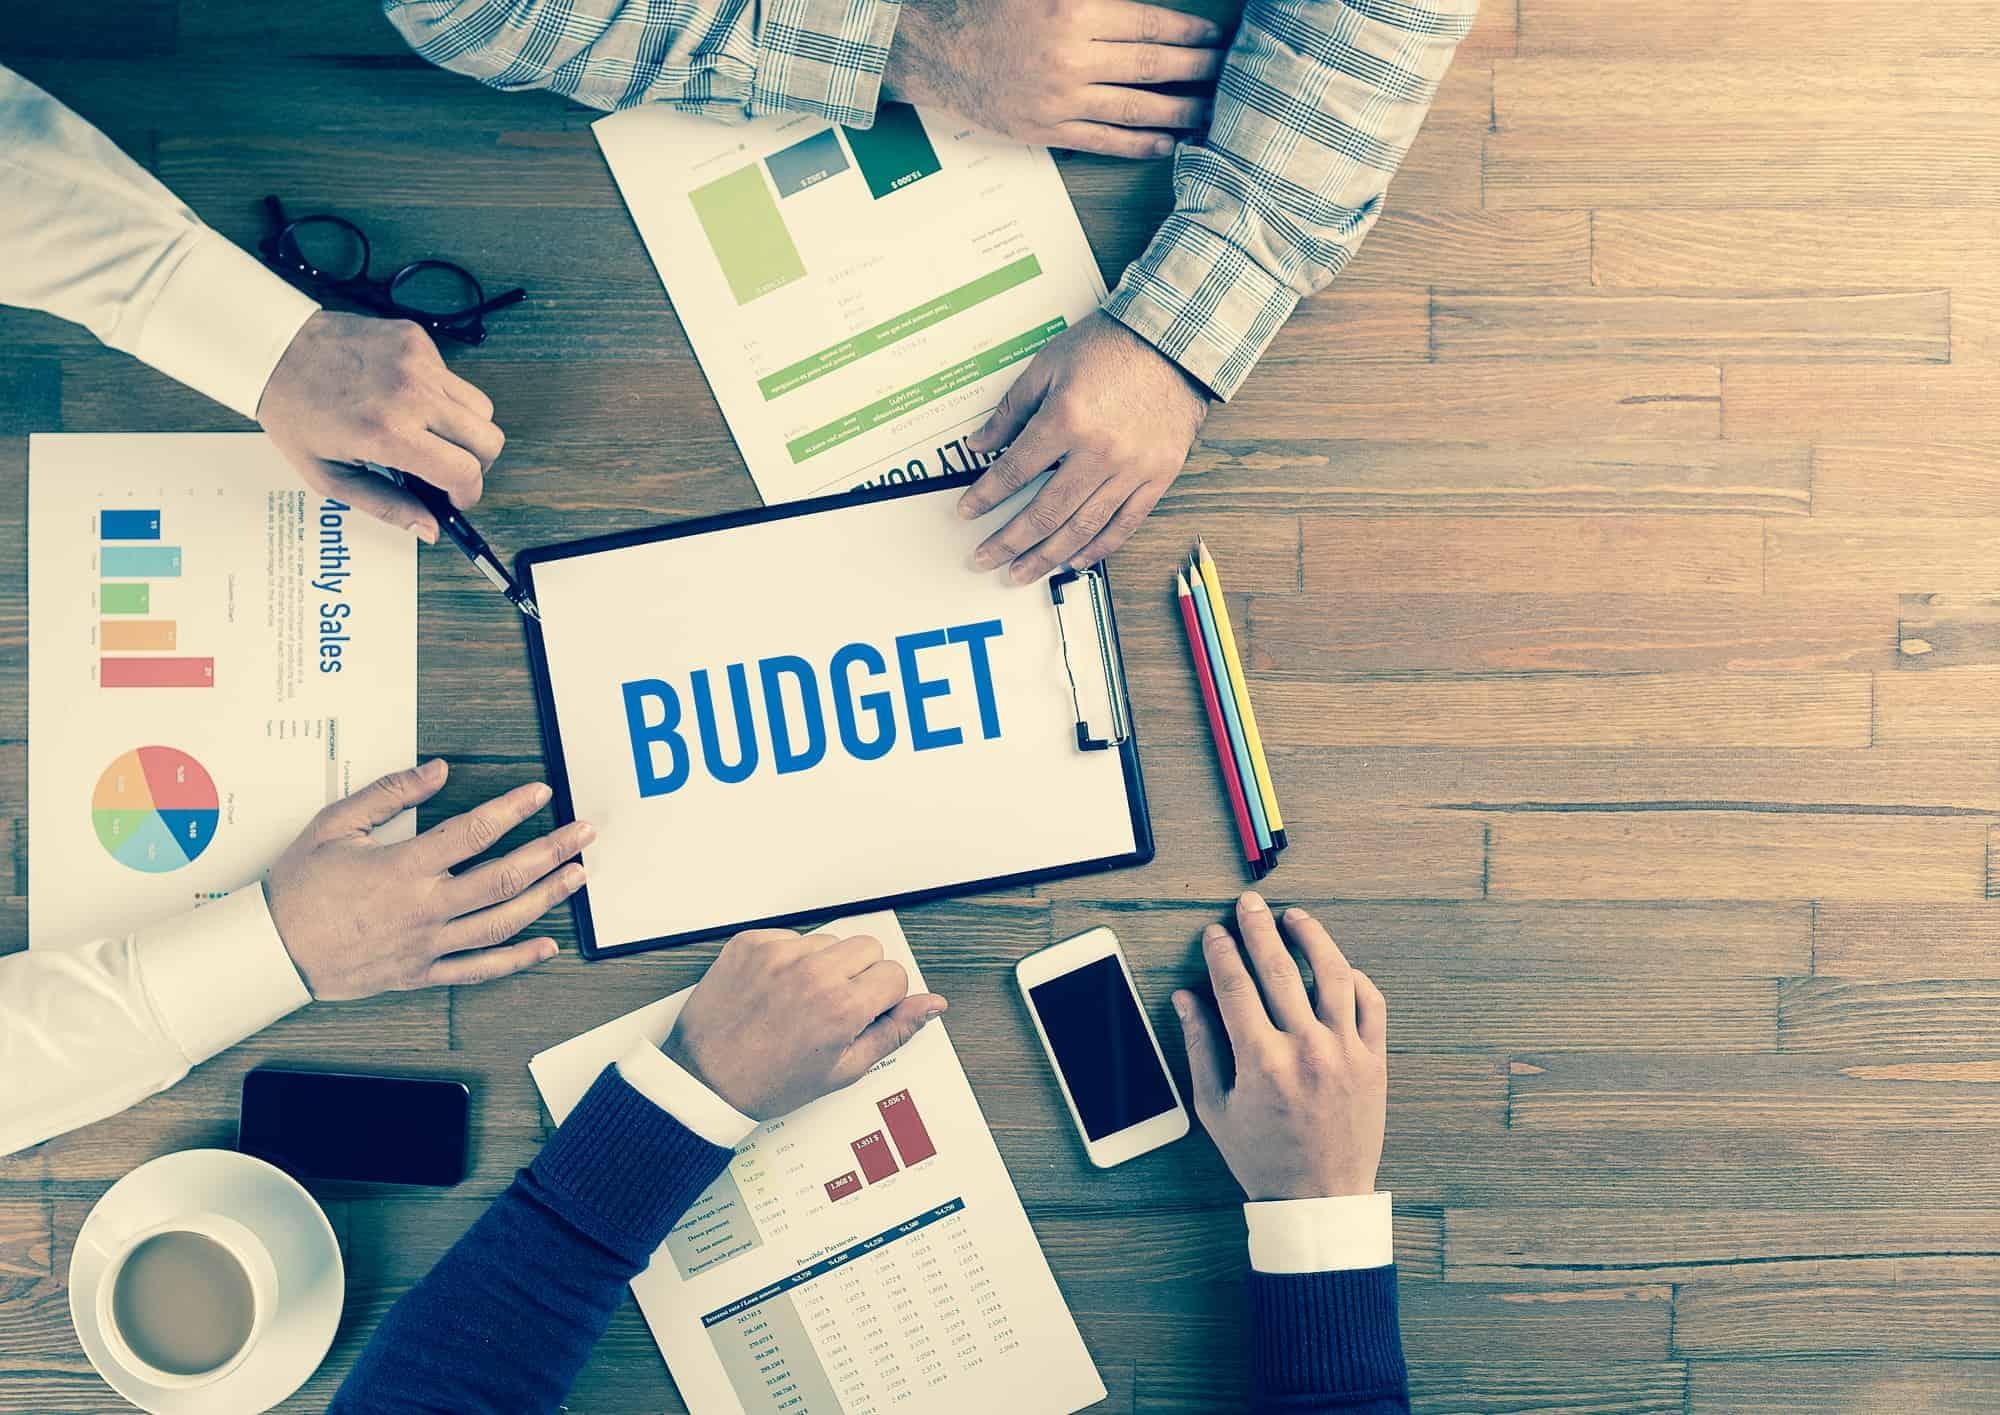 Business Team Concept: Budget